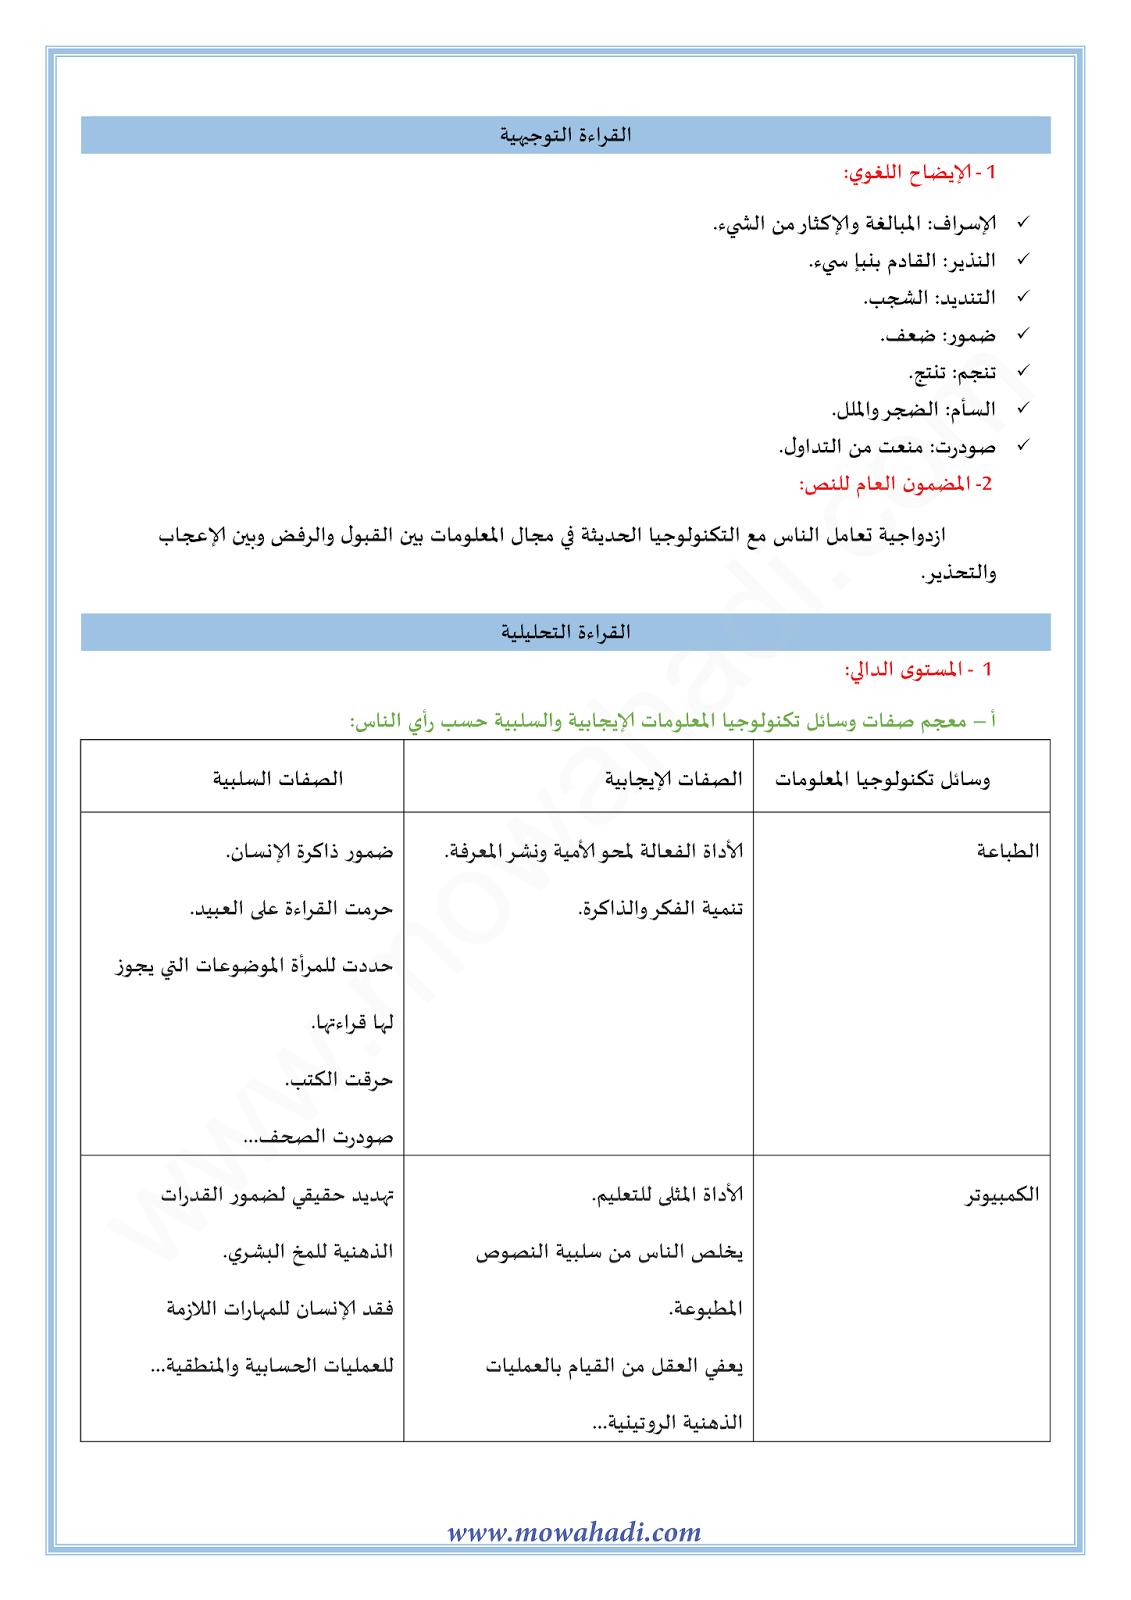 تكنولوجيا المعلومات1